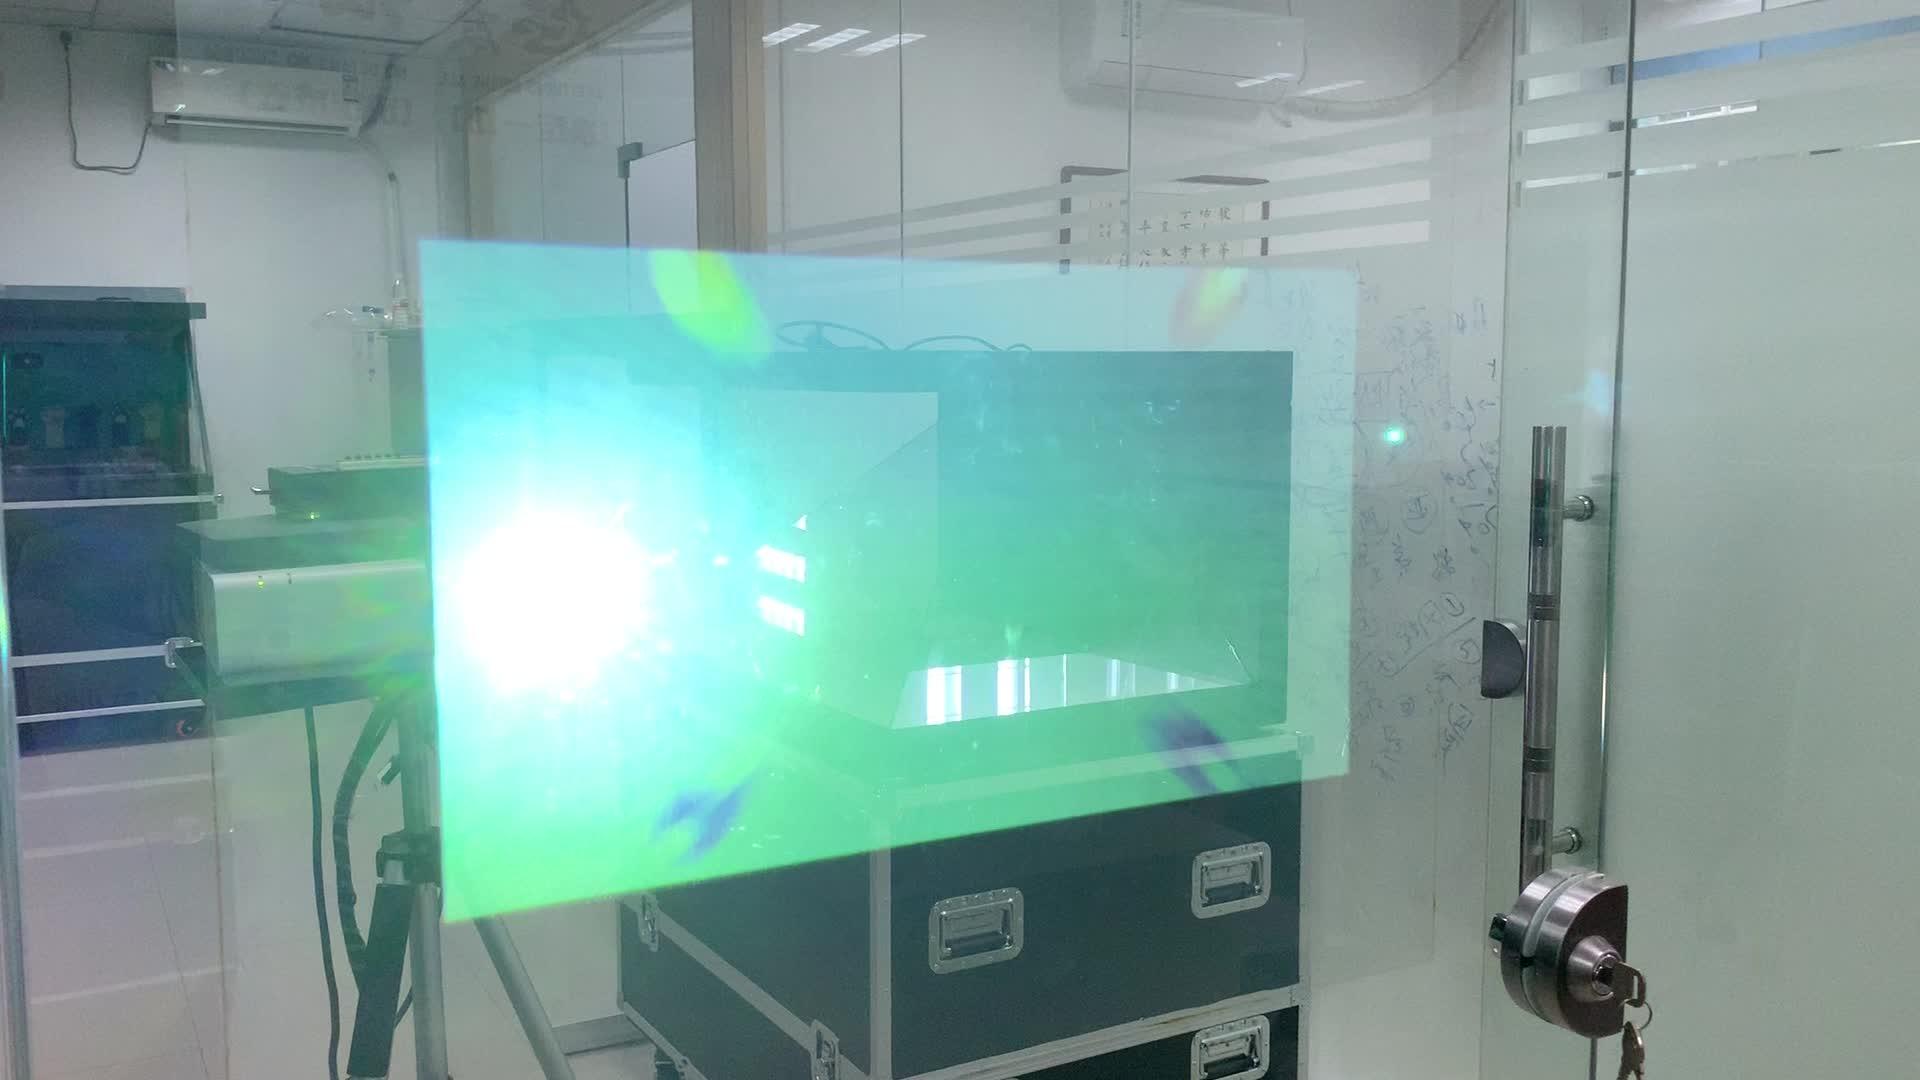 Profesional pabrik pasokan kaca jendela iklan perekat holographic film proyeksi belakang transparan